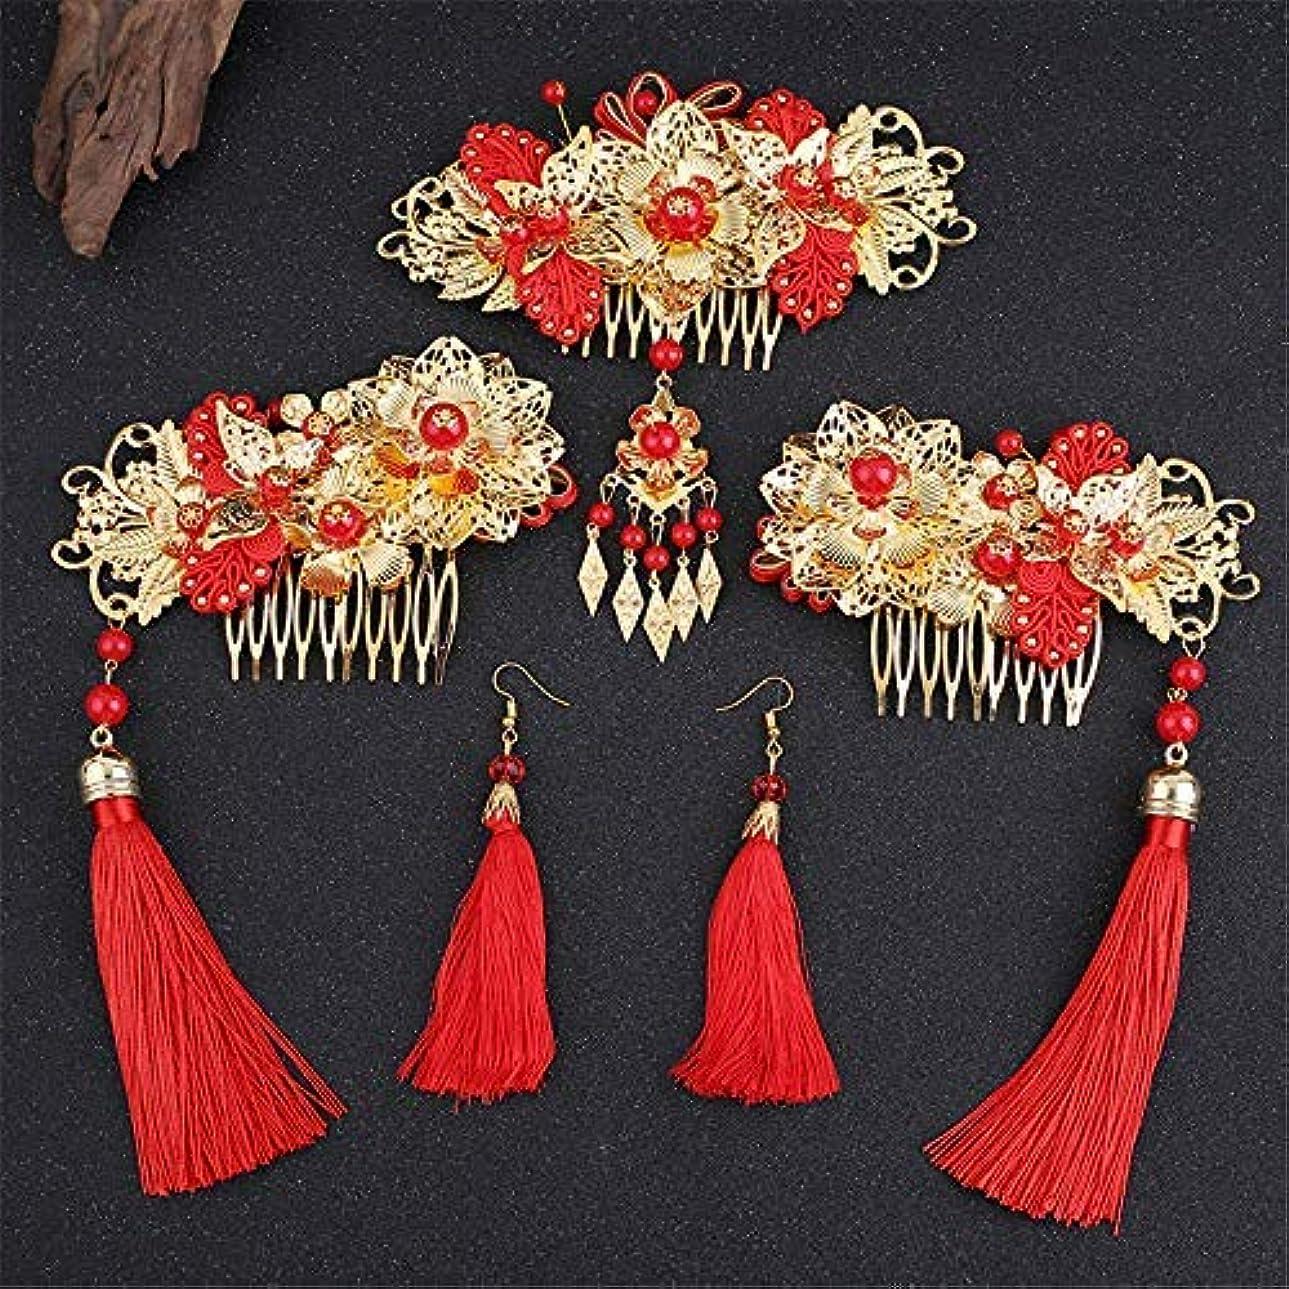 適応スポーツの試合を担当している人騒乱Wedding Classical Traditional Chinese Wedding Bride Hair Accessory With Combs wedding accessories [並行輸入品]